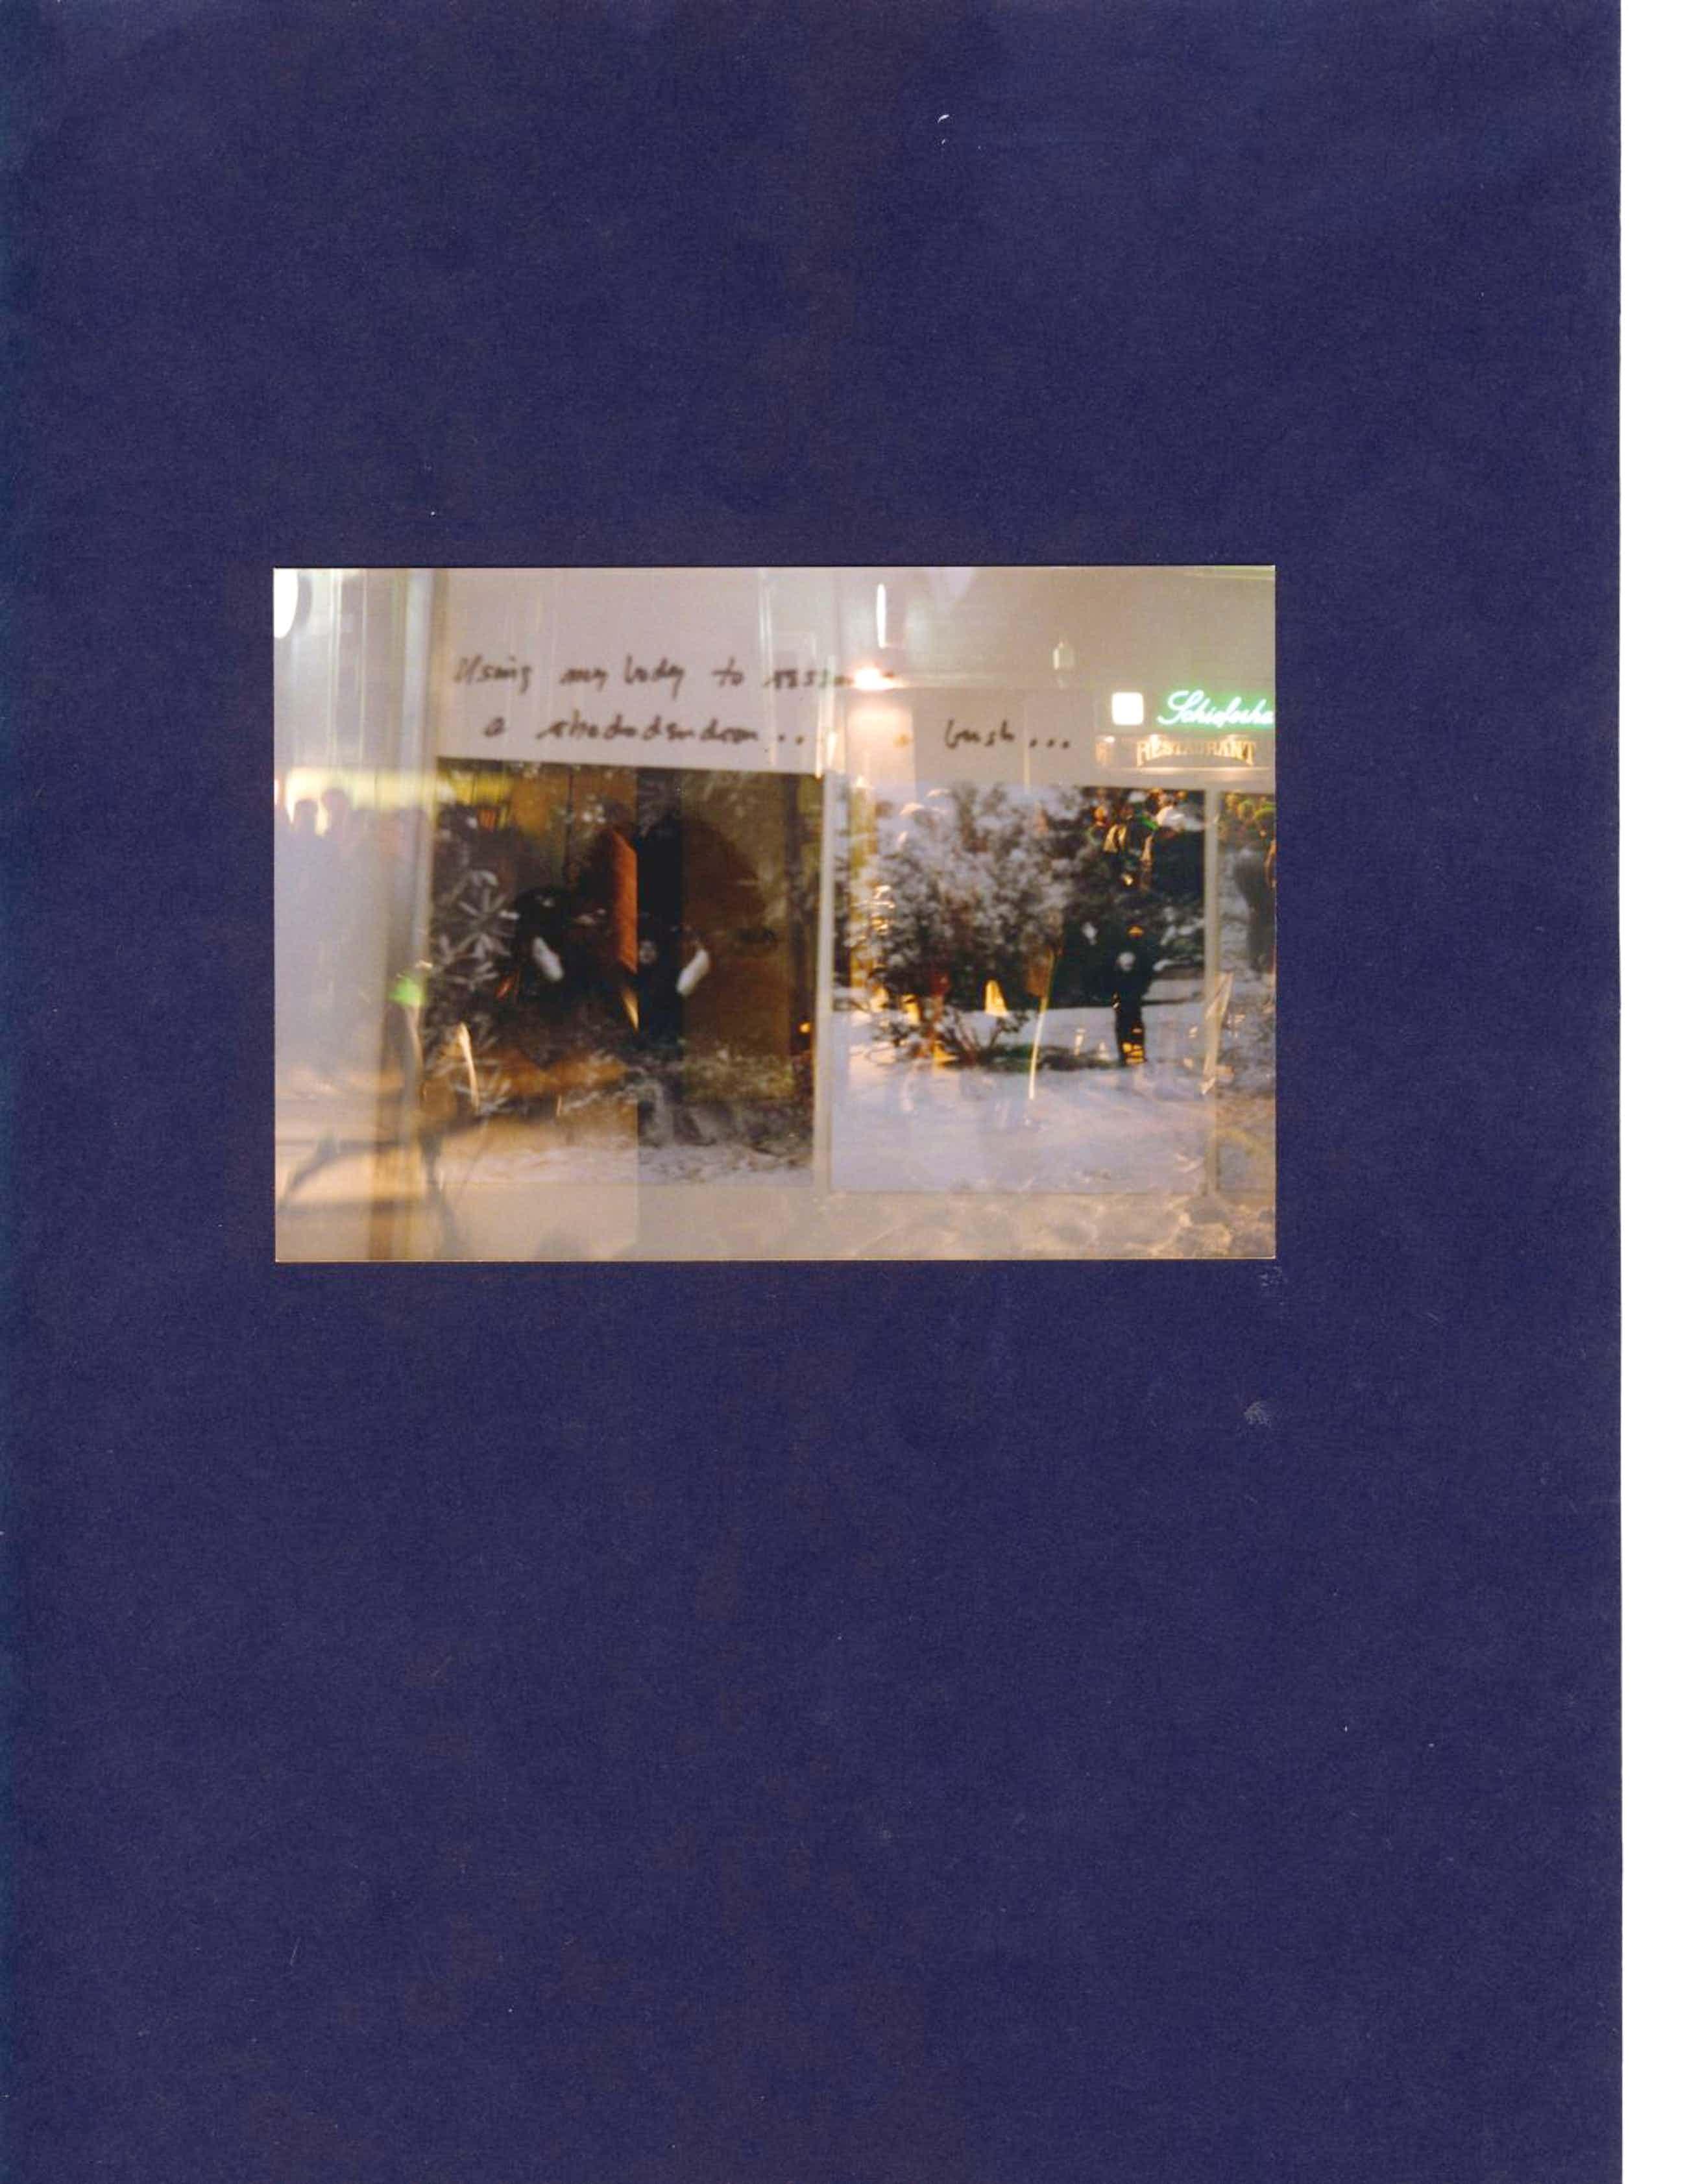 Walter Dahn - Farbfotografie, rückseitig handsigniert, Unikat, 1996 kopen? Bied vanaf 49!